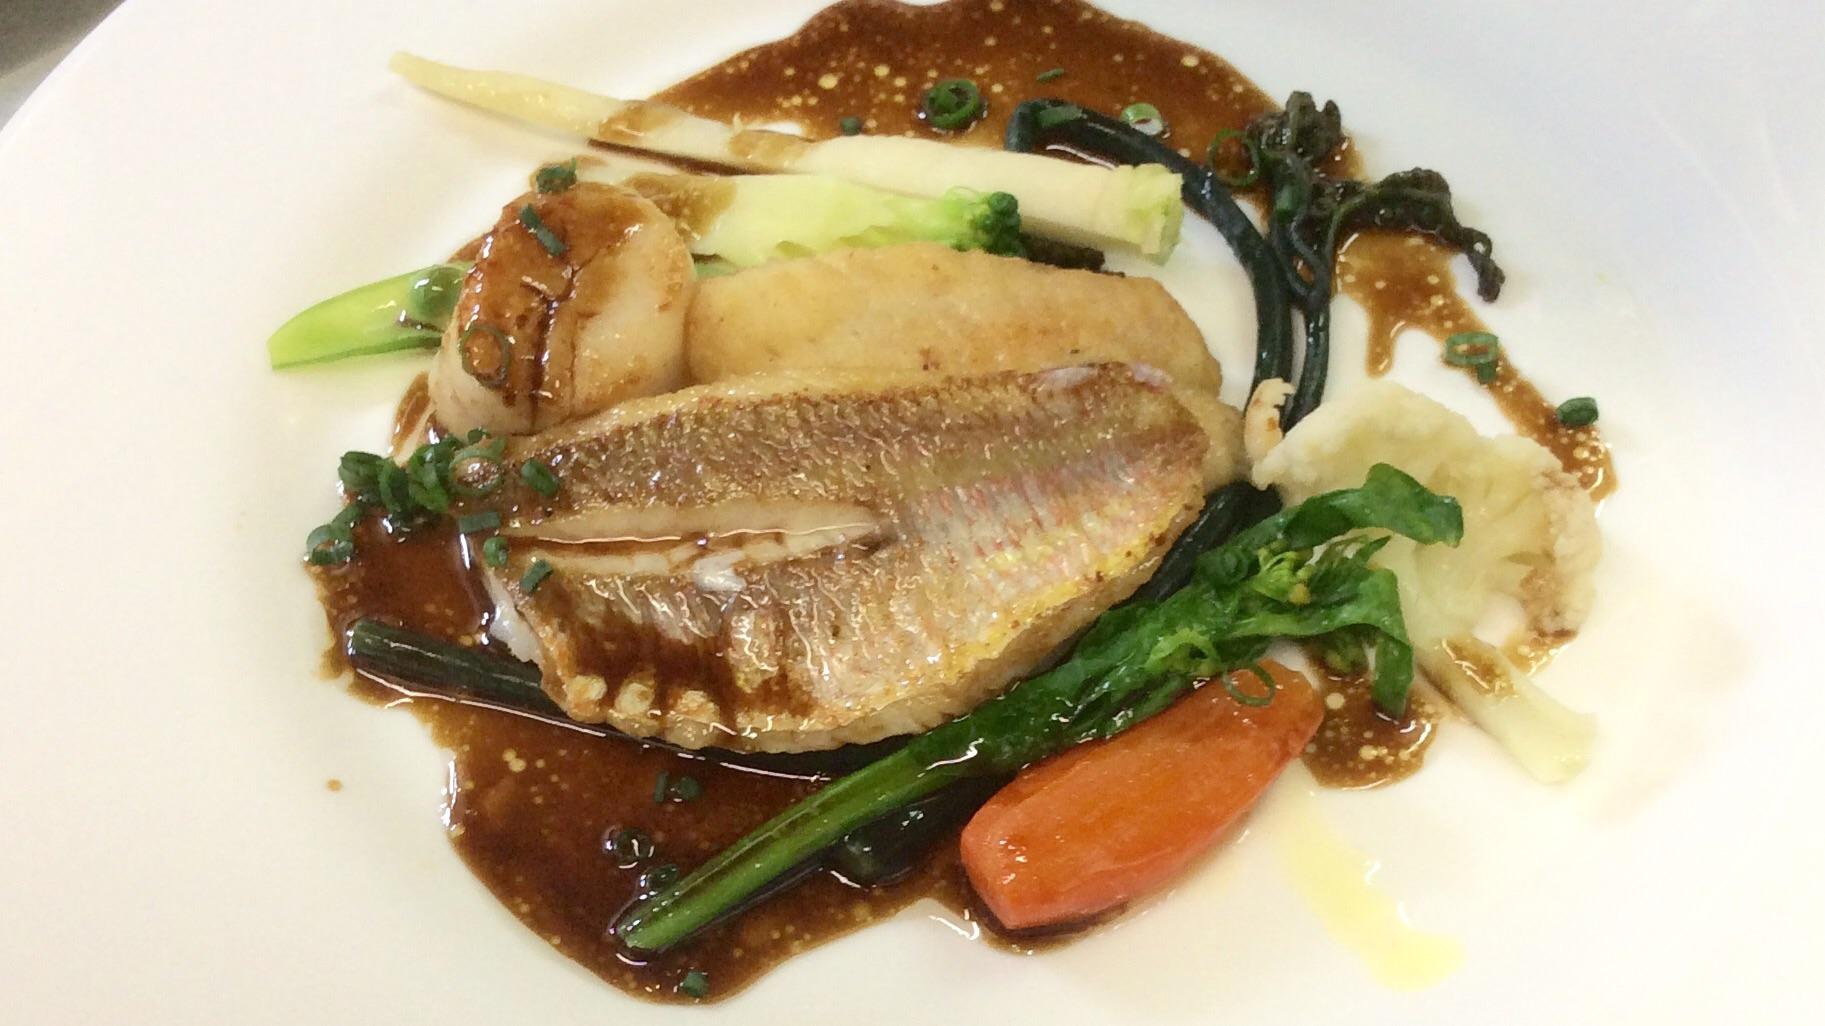 カレイと糸ヨリ鯛のポアレ 春野菜を添えて バルサミコソース